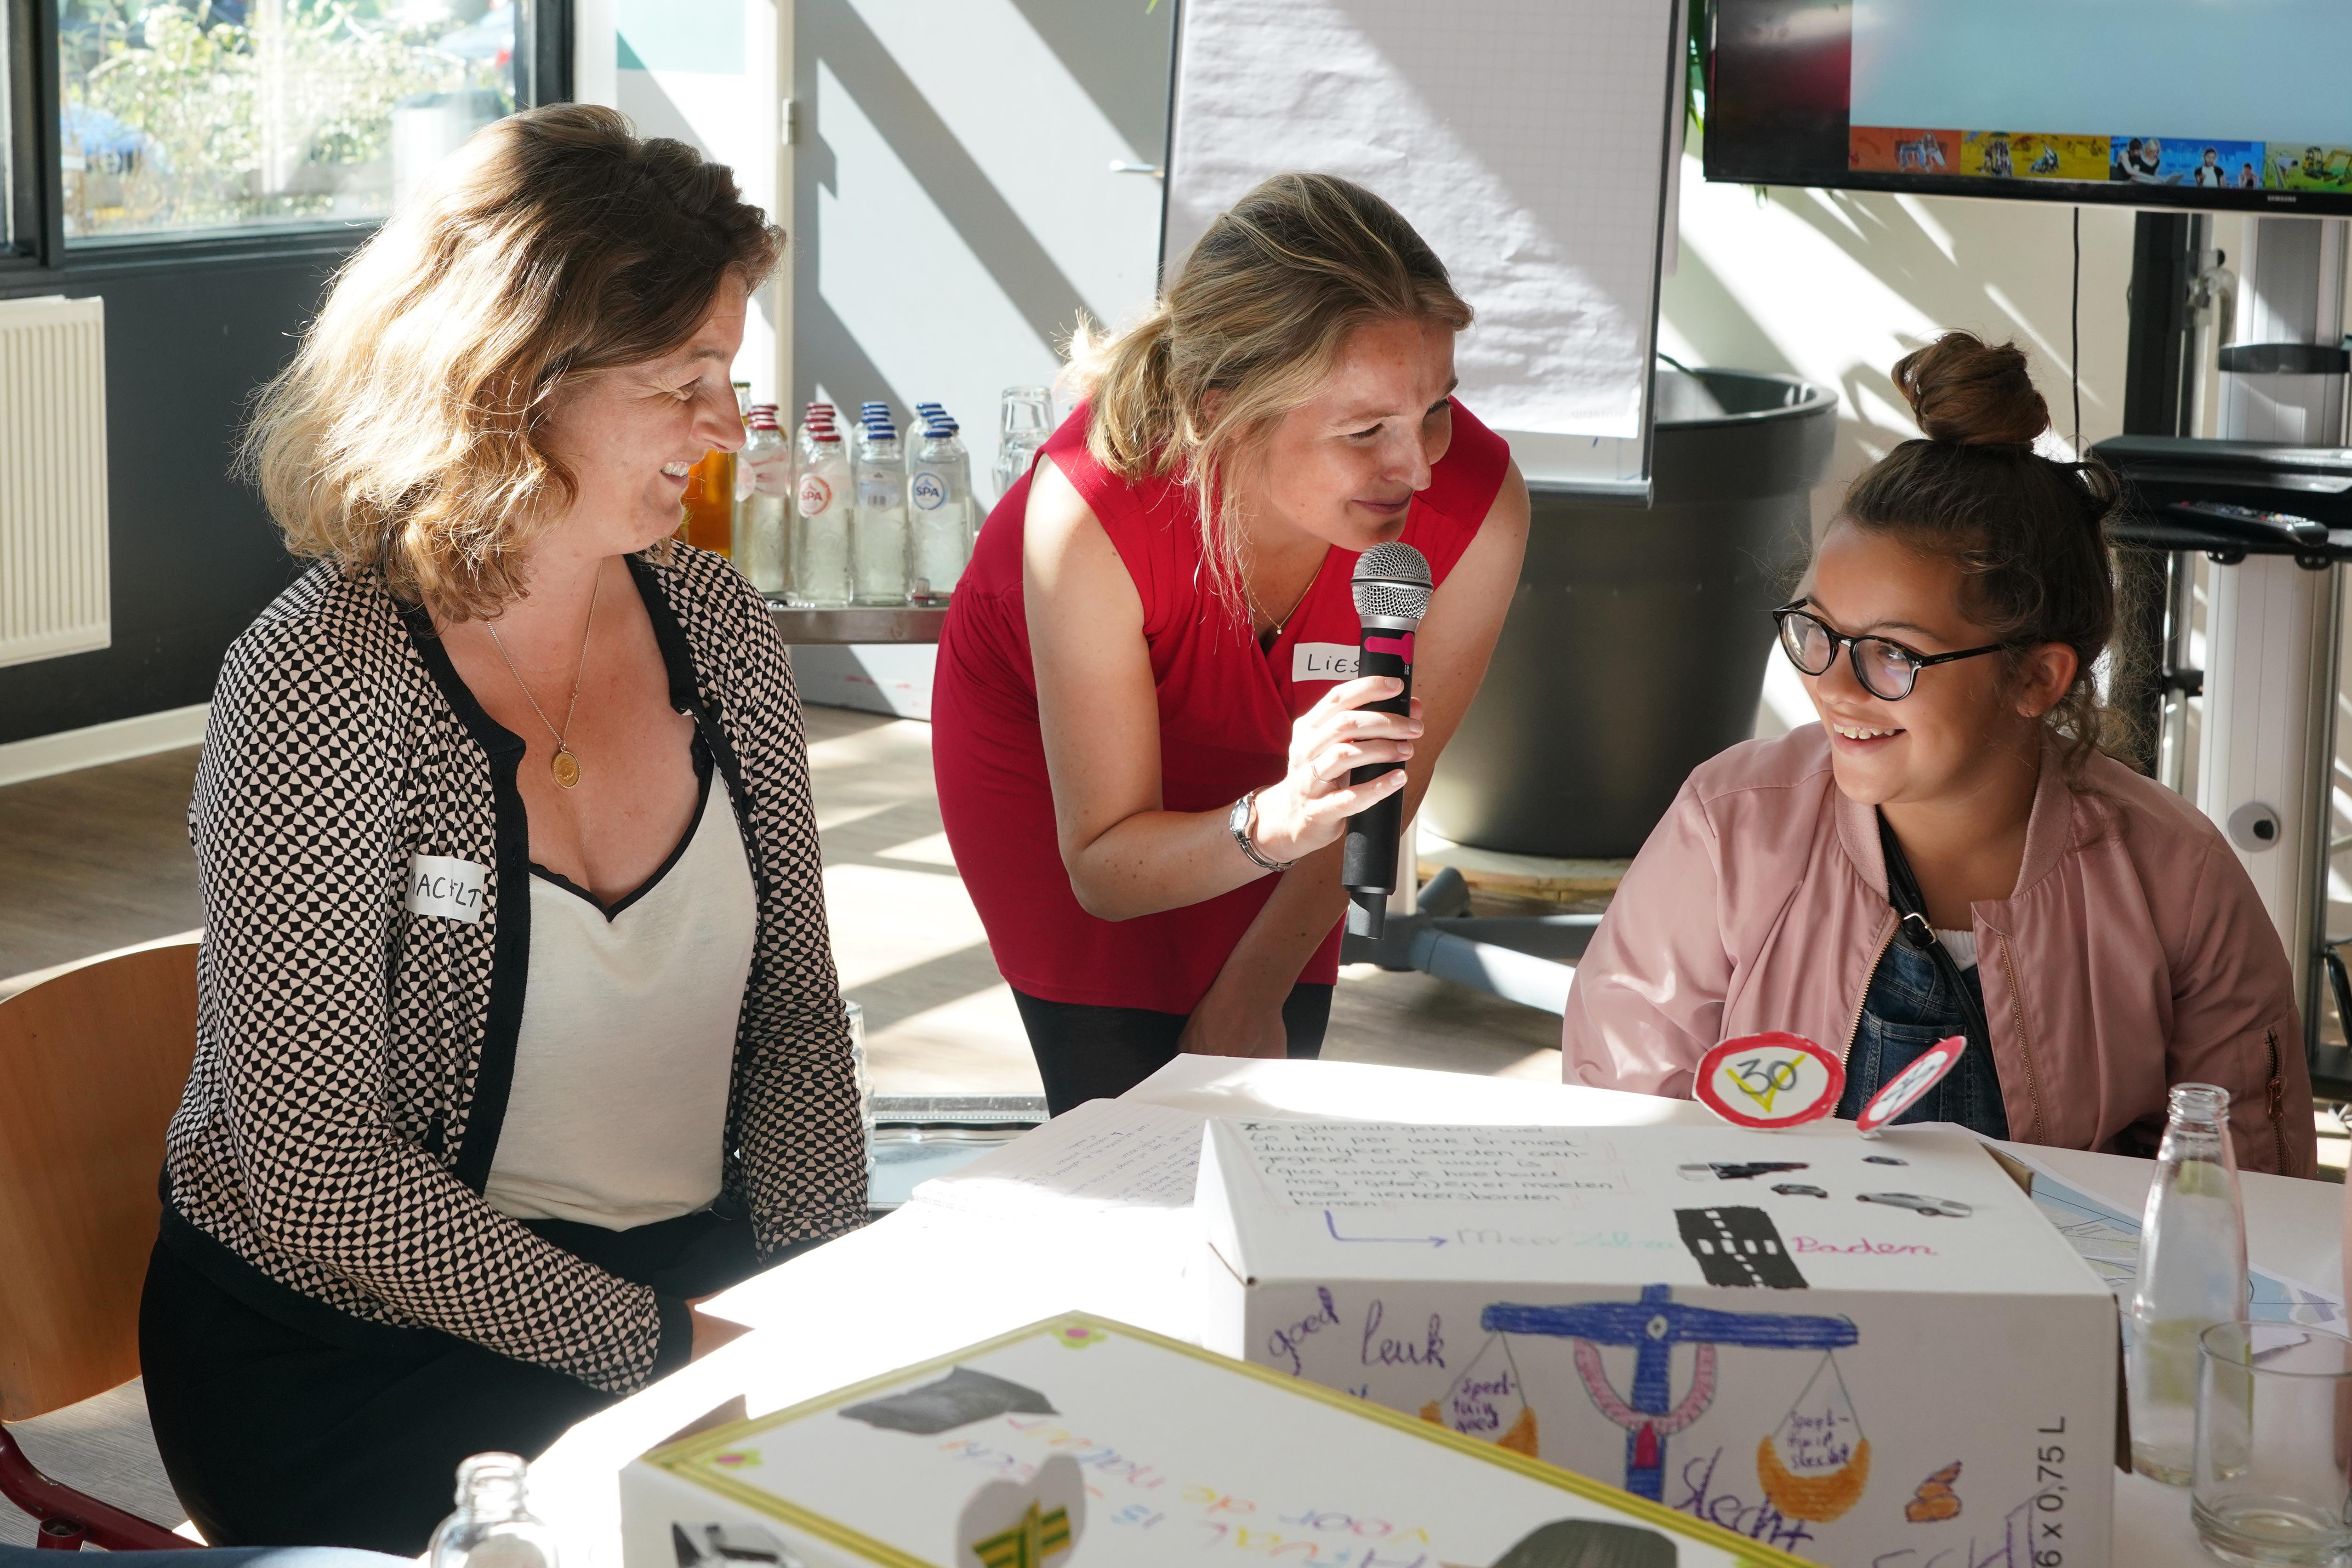 Conferentie 'Betere kansen voor de jeugd in Oud Noord'. (Foto: E. v. Eis)